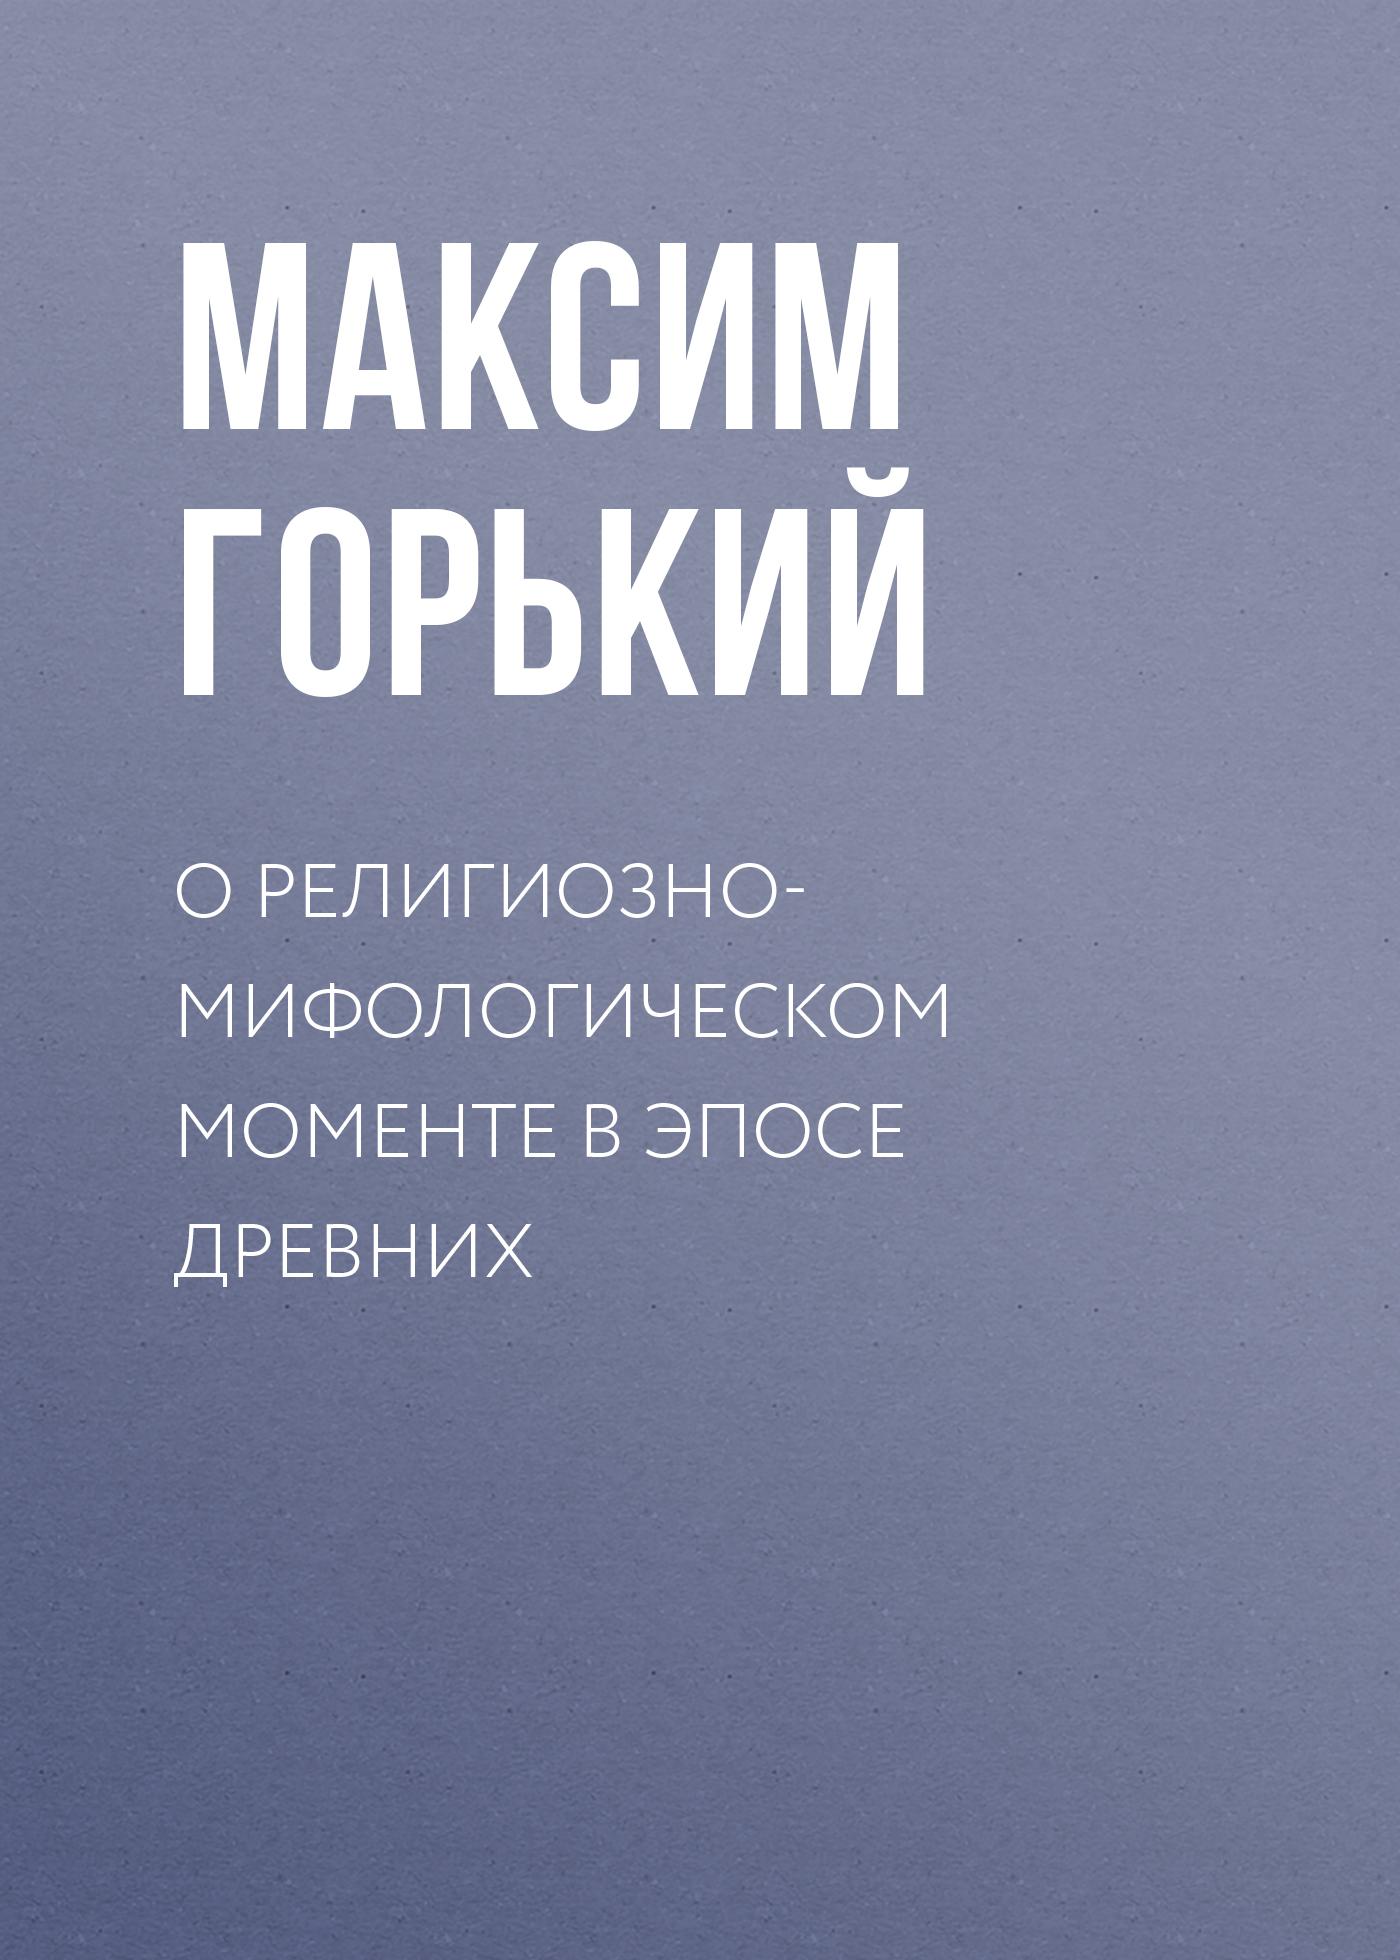 Максим Горький О религиозно-мифологическом моменте в эпосе древних максим горький о новом и старом